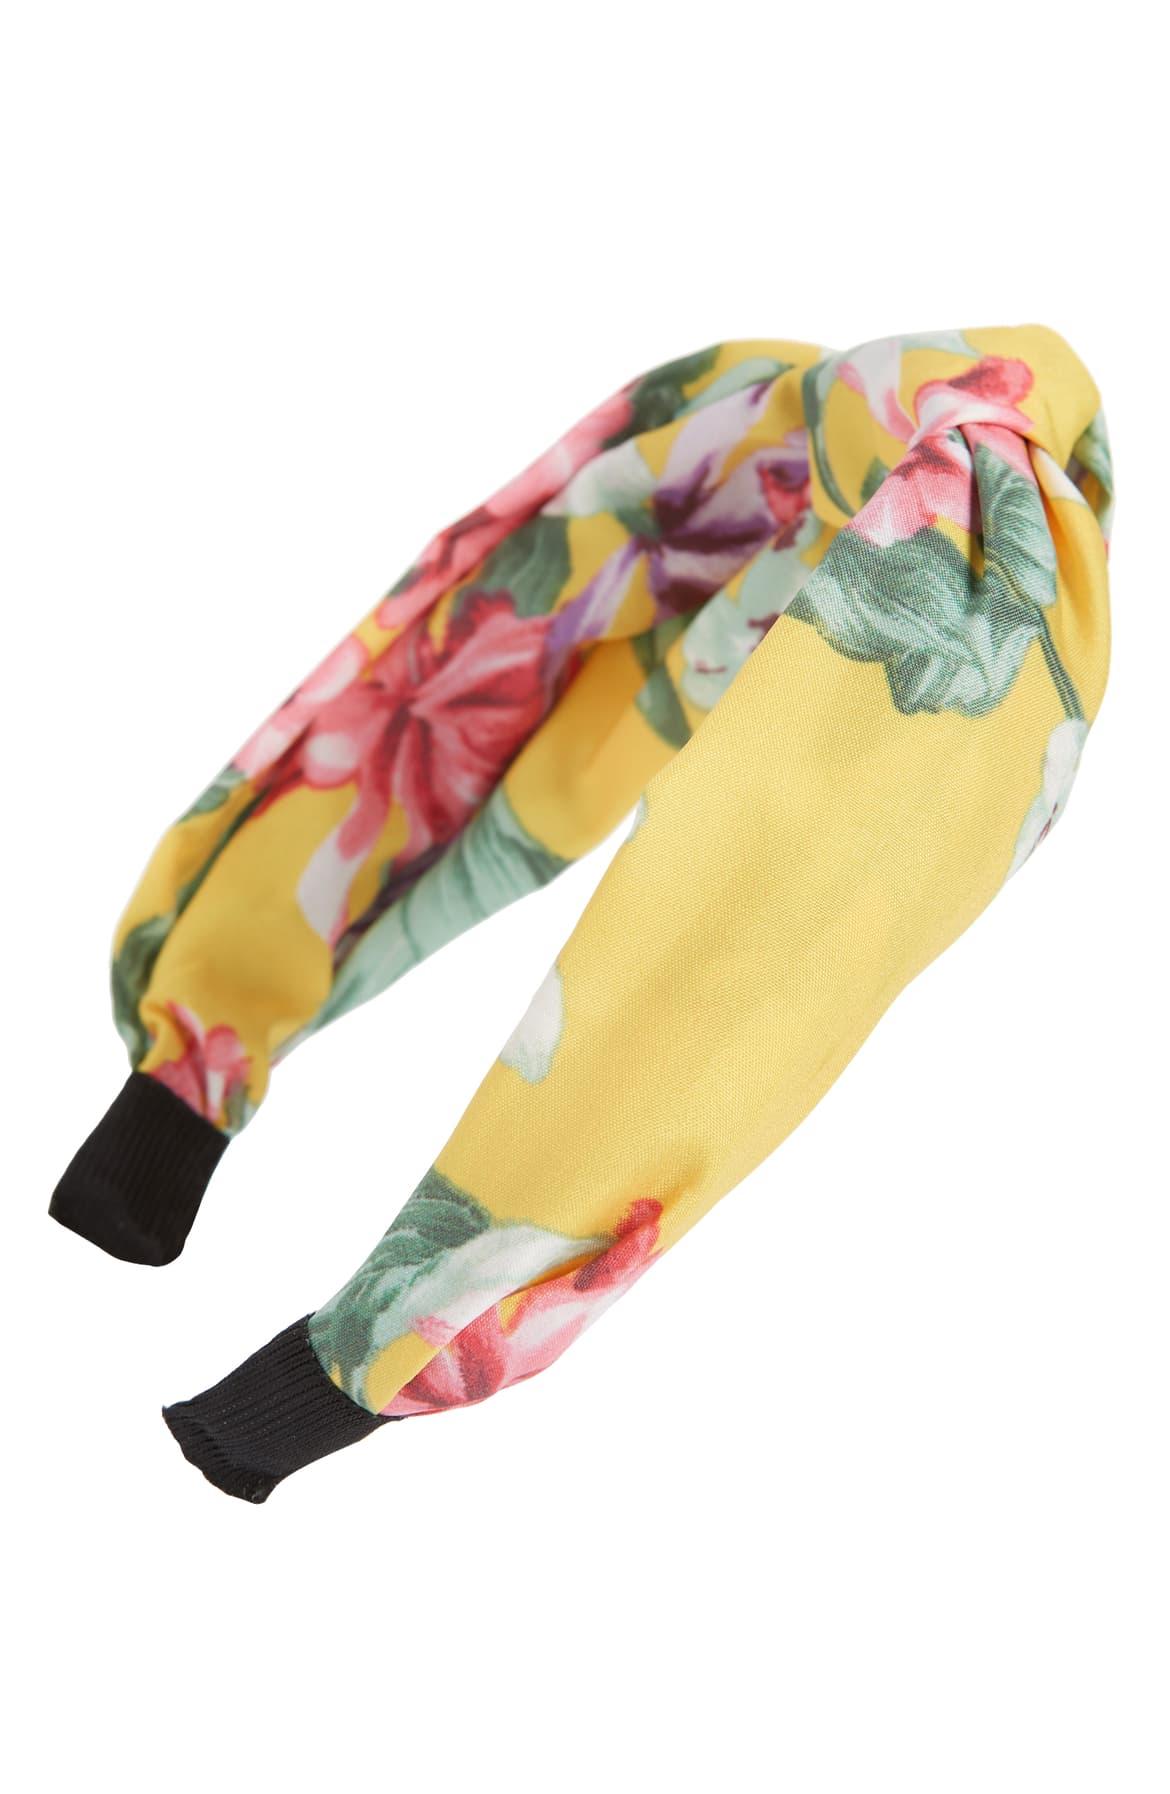 Tasha Knotted Floral Headband ($24)